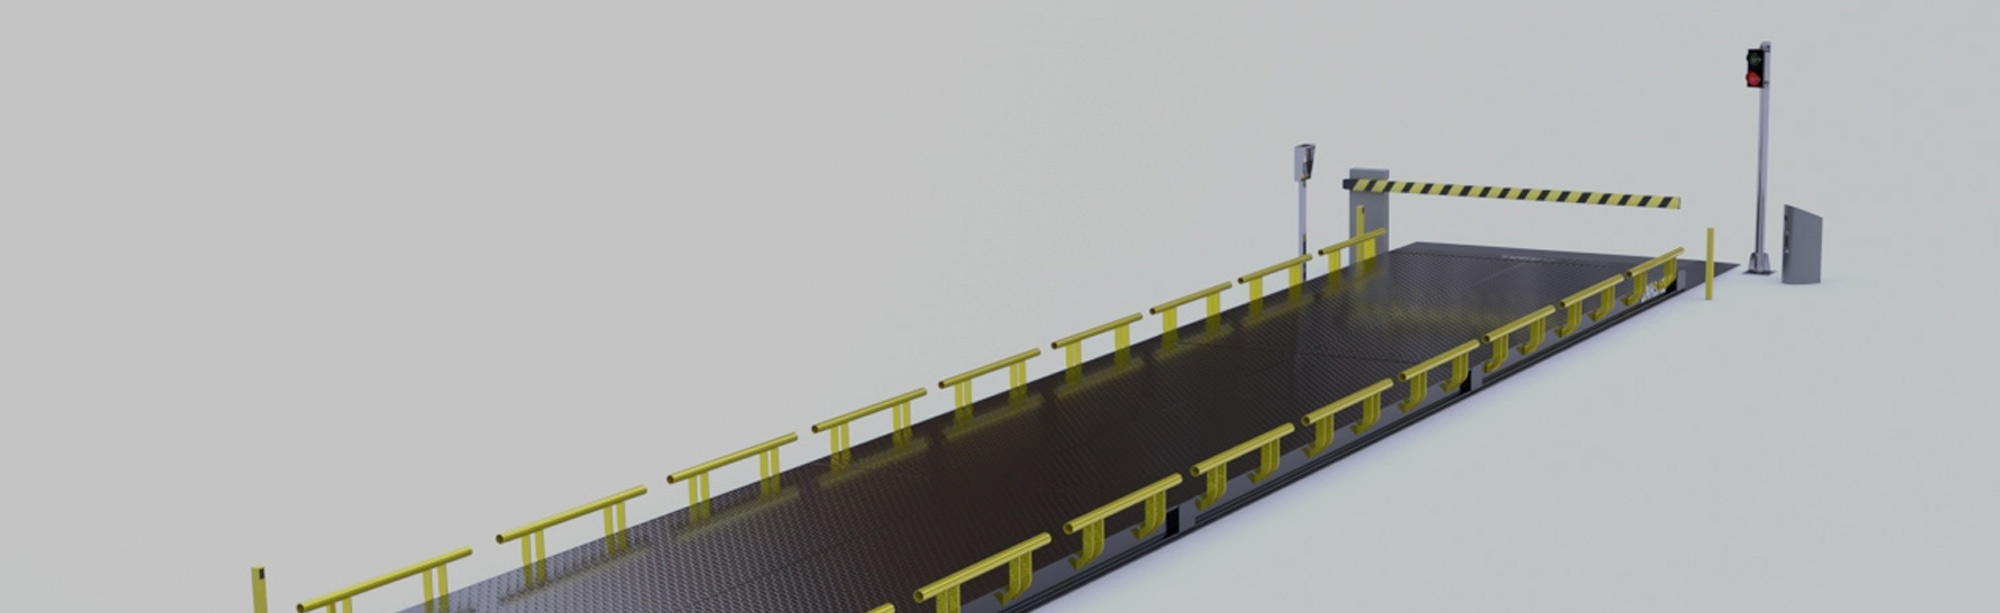 Terminal de báscula-puente y gestión de datos